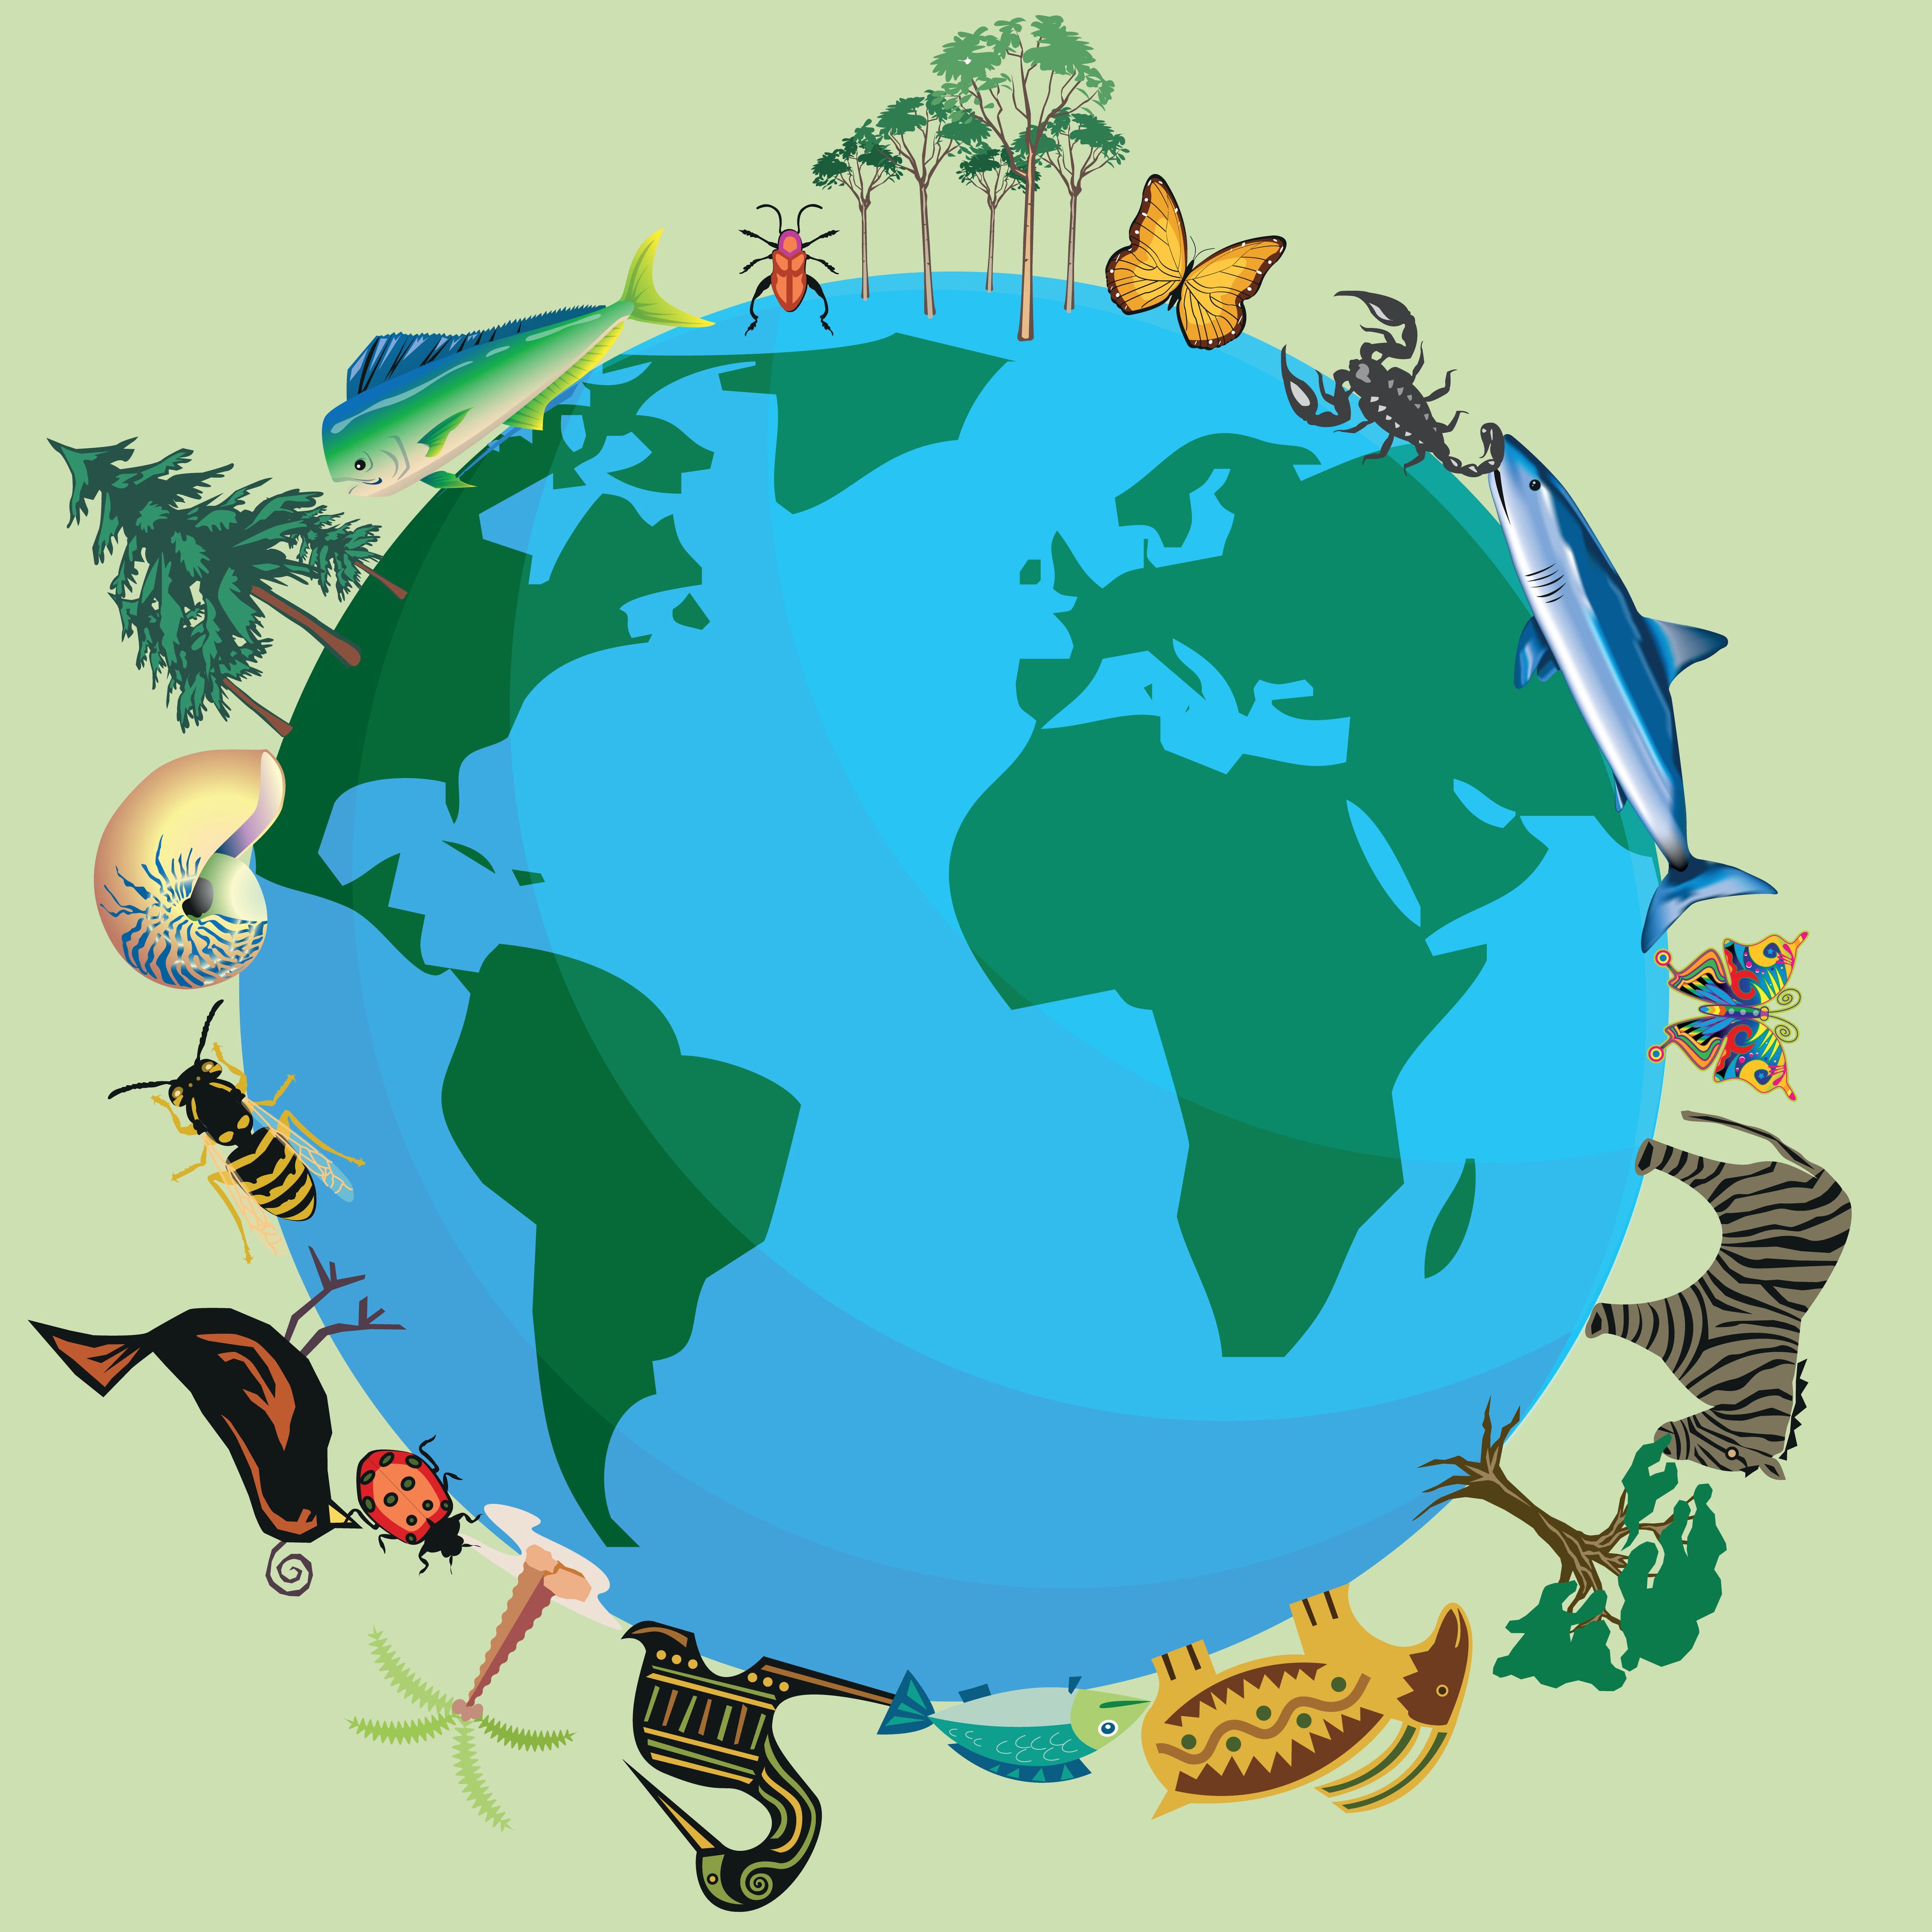 עולם במשבר - המגוון הביולוגי